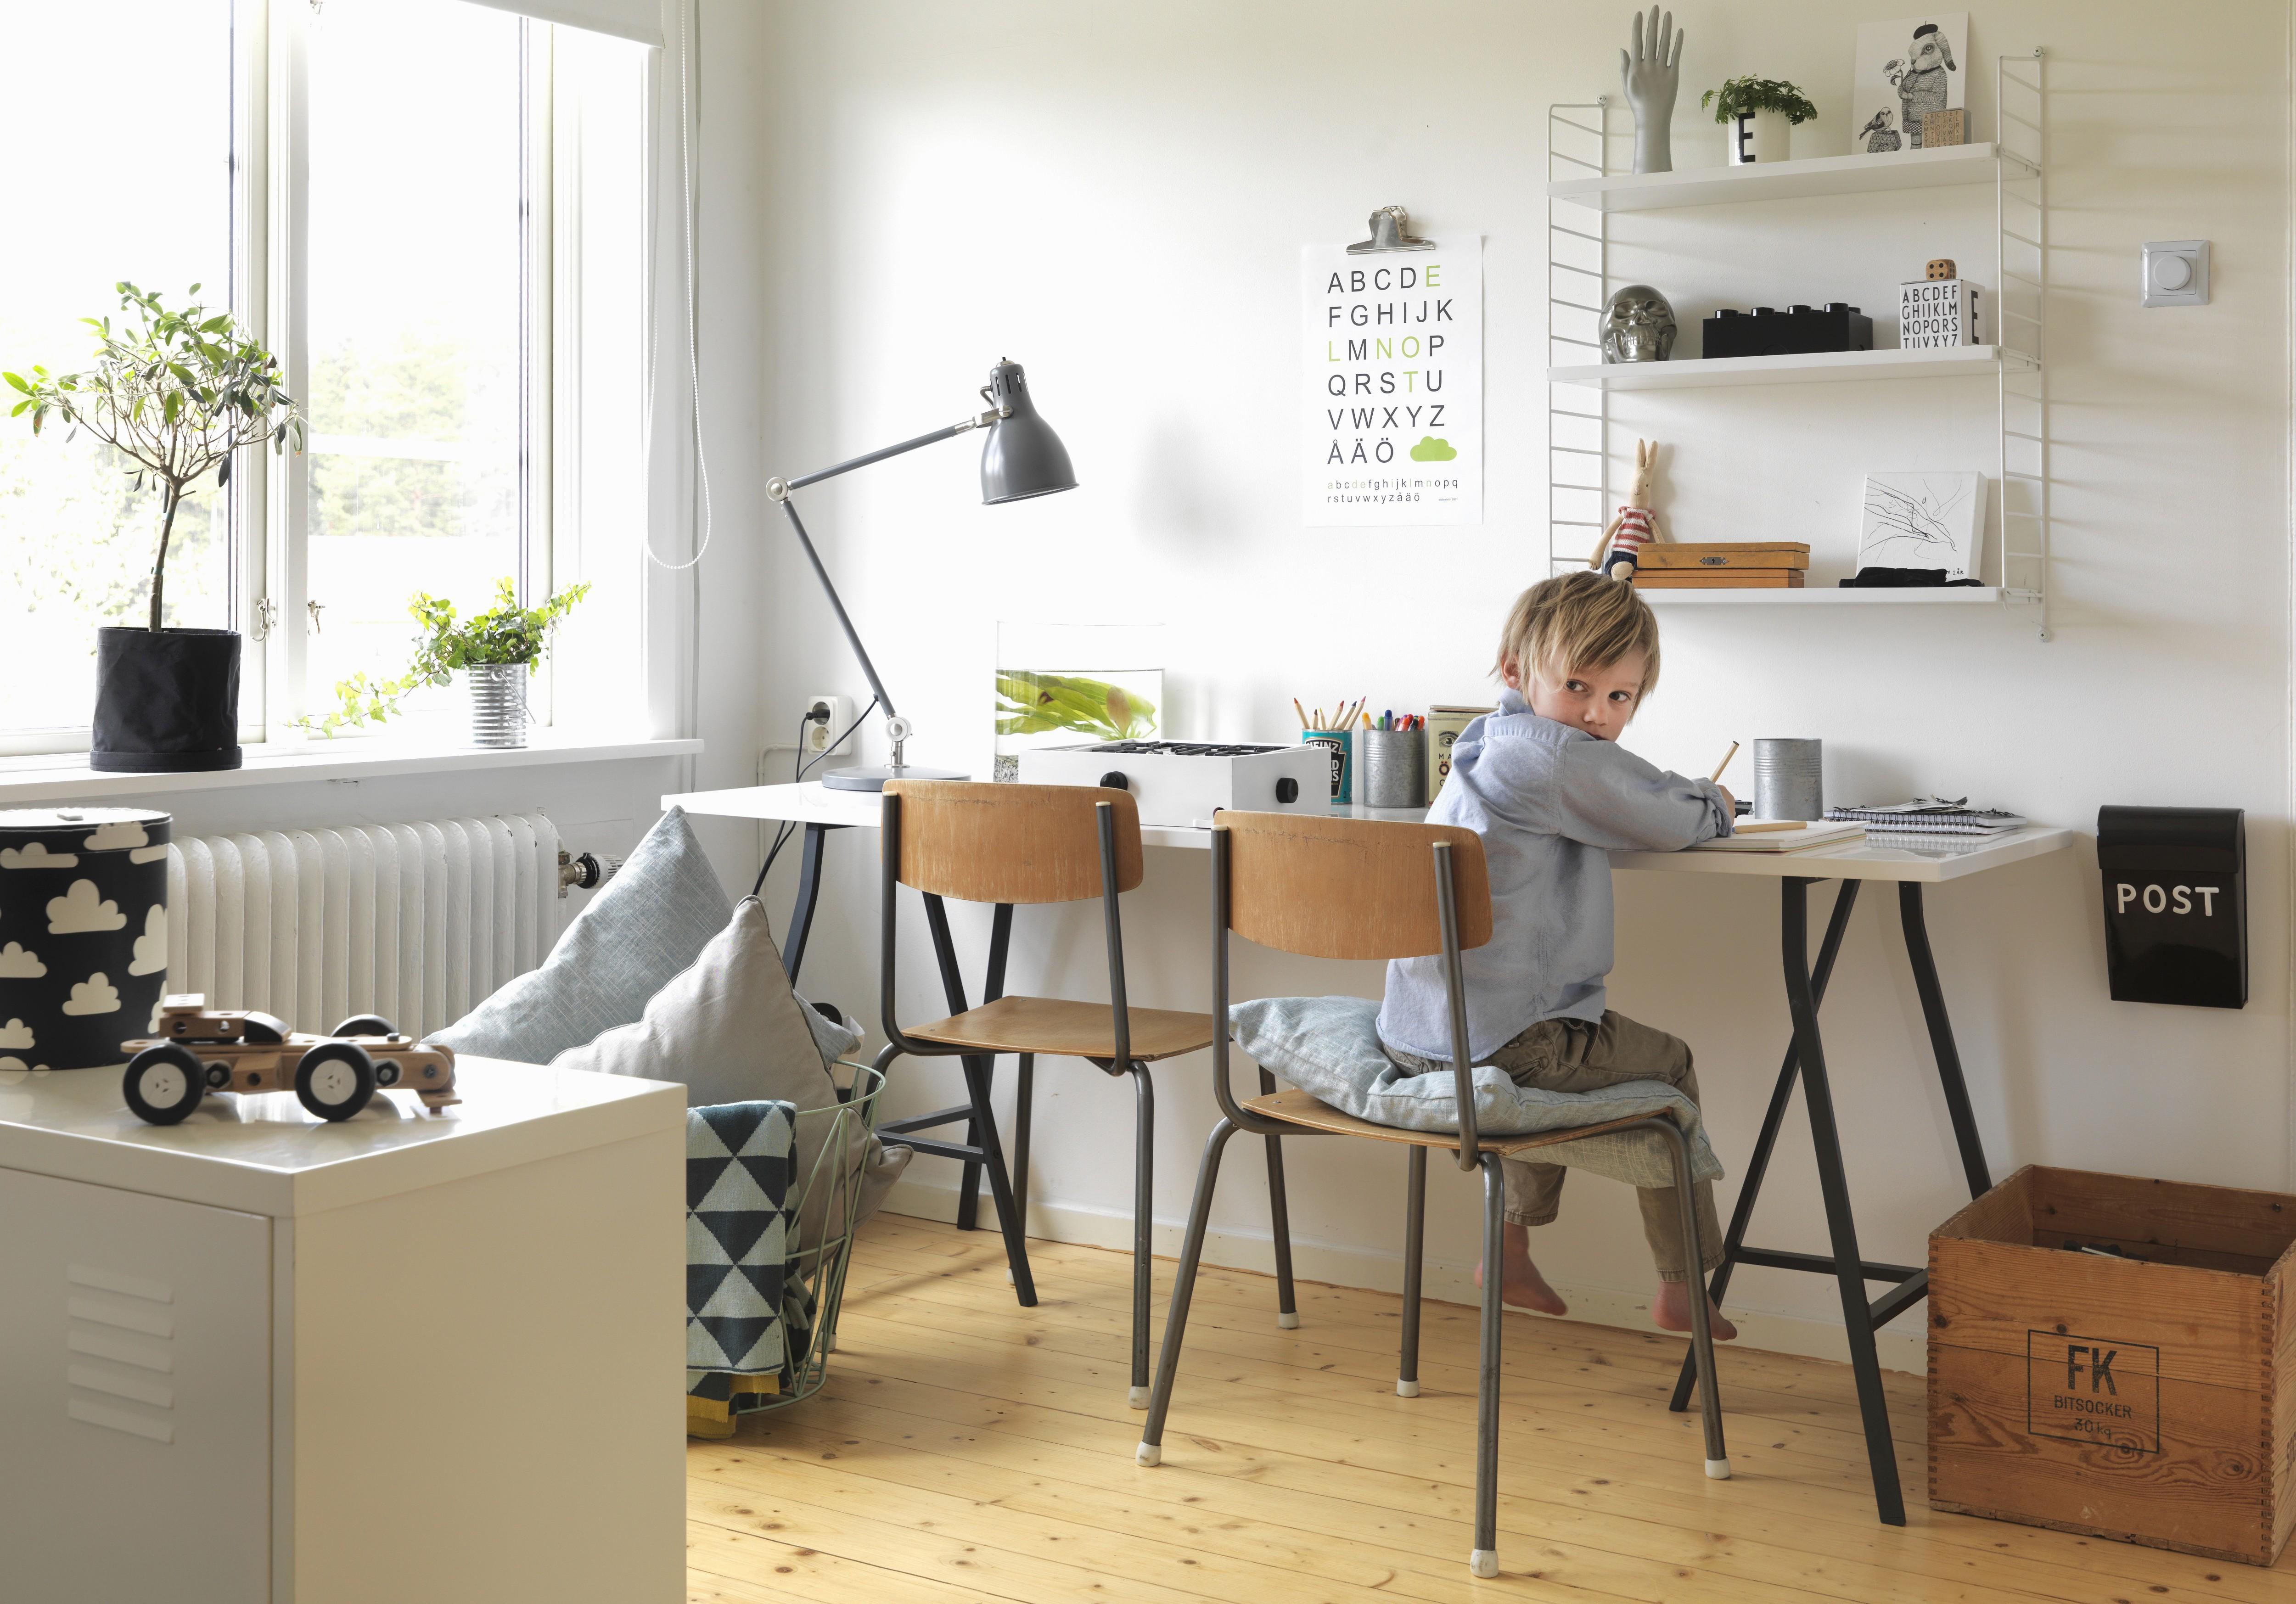 Jungenzimmer mit Schreibtisch und Wandregal, Holzstühle und Holzkiste mit Vintageflair